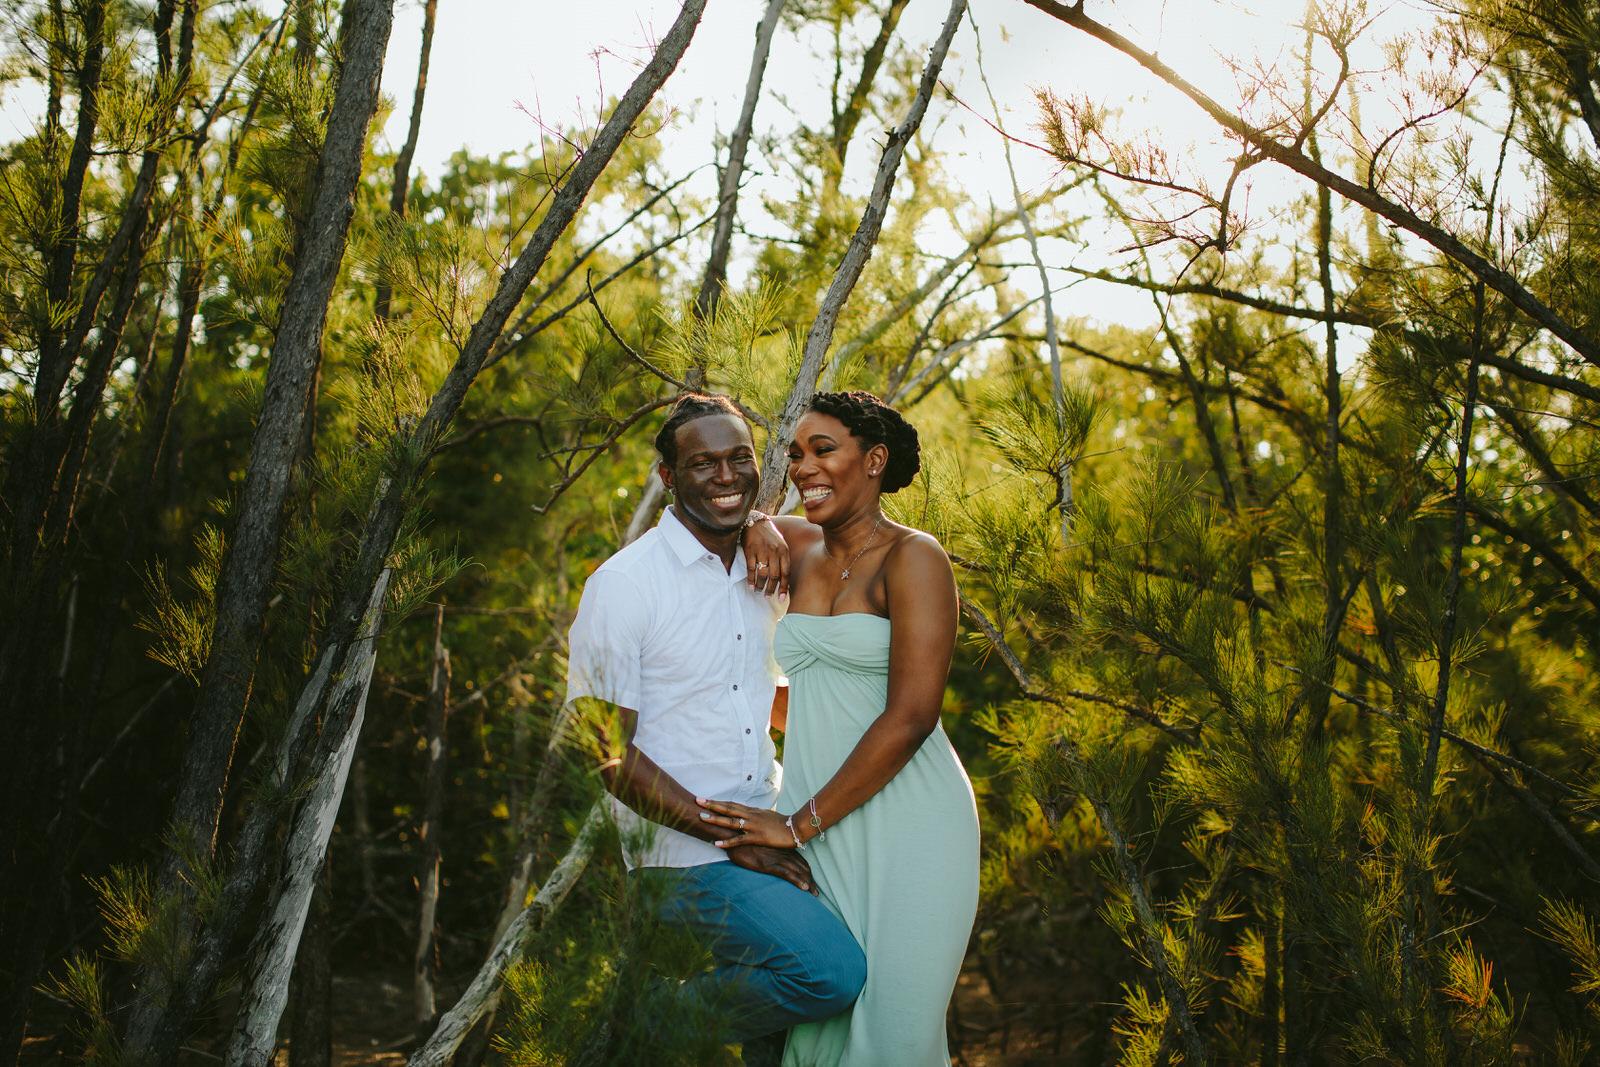 gorgeous-engagement-portraits-tiny-house-photo-florida-wedding-photographer-10.jpg